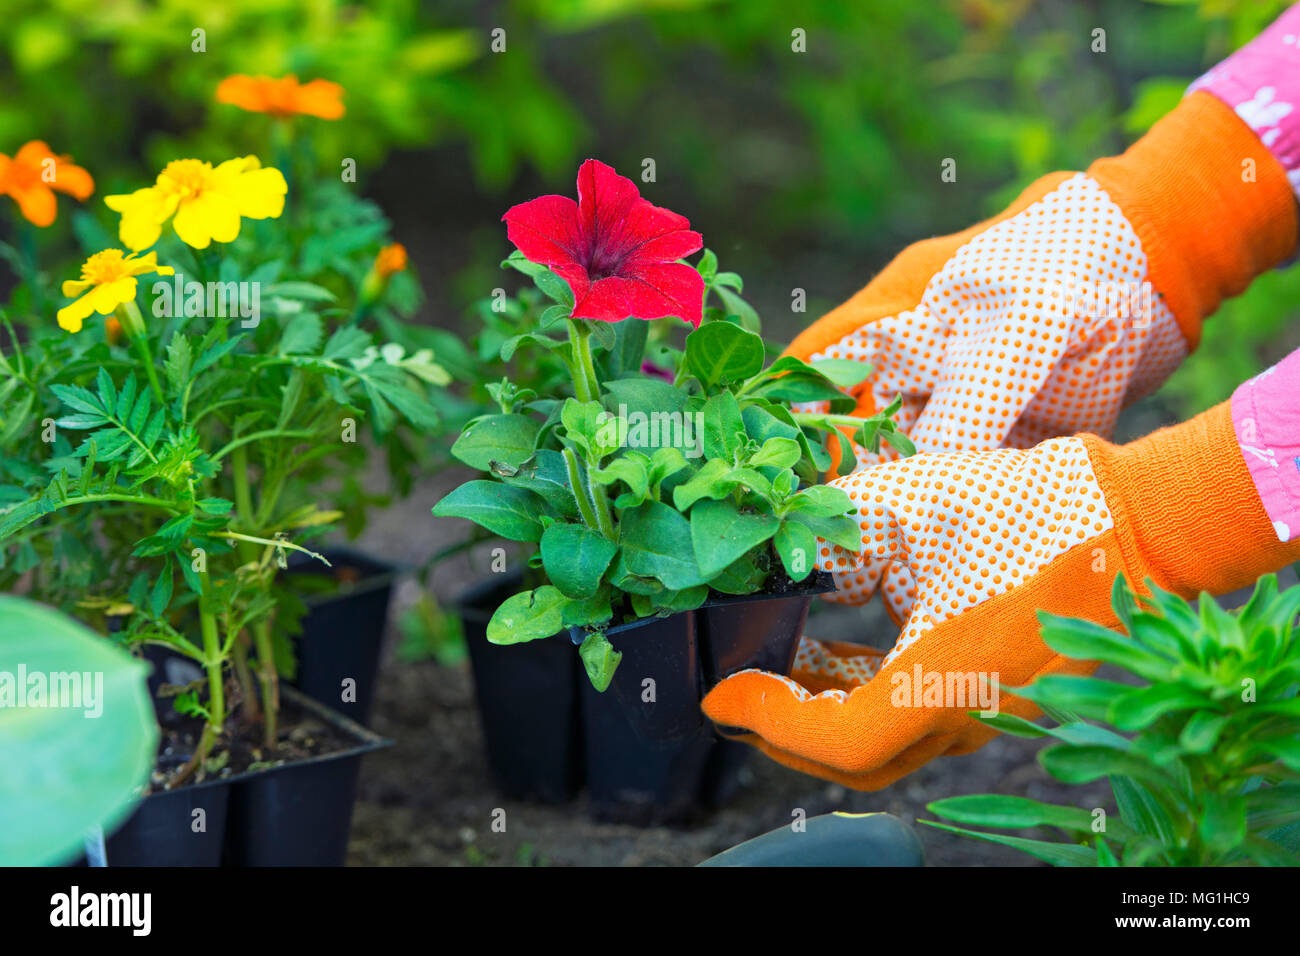 Le jardinage, les semis, fleurs, plantes Woman holding flower planter dans jardin, woman's hands dans des gants de jardinage Banque D'Images